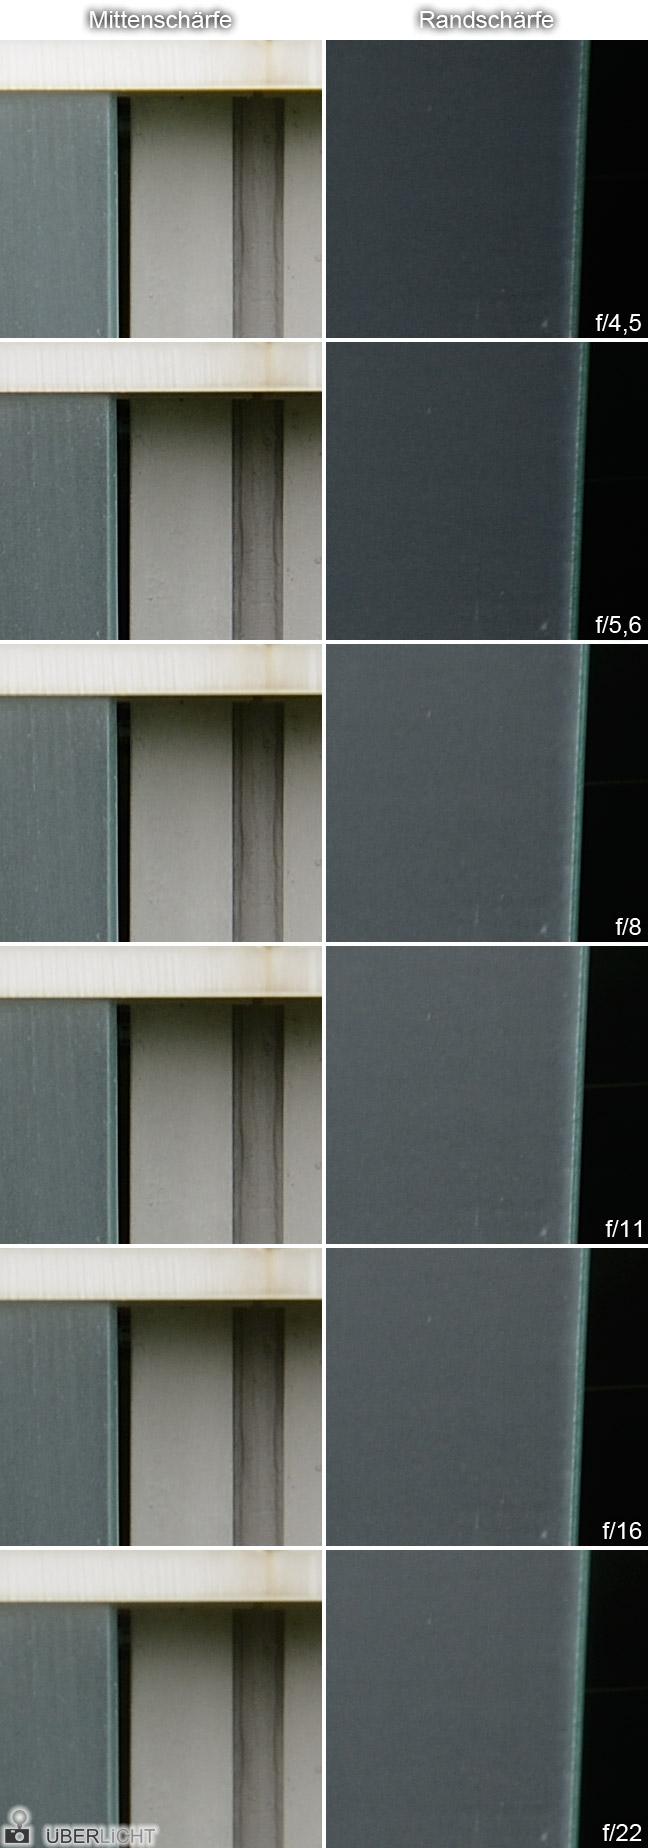 Nikon 24-85 VR Schärfevergleich Rand und Mitte bei 85 mm Brennweite